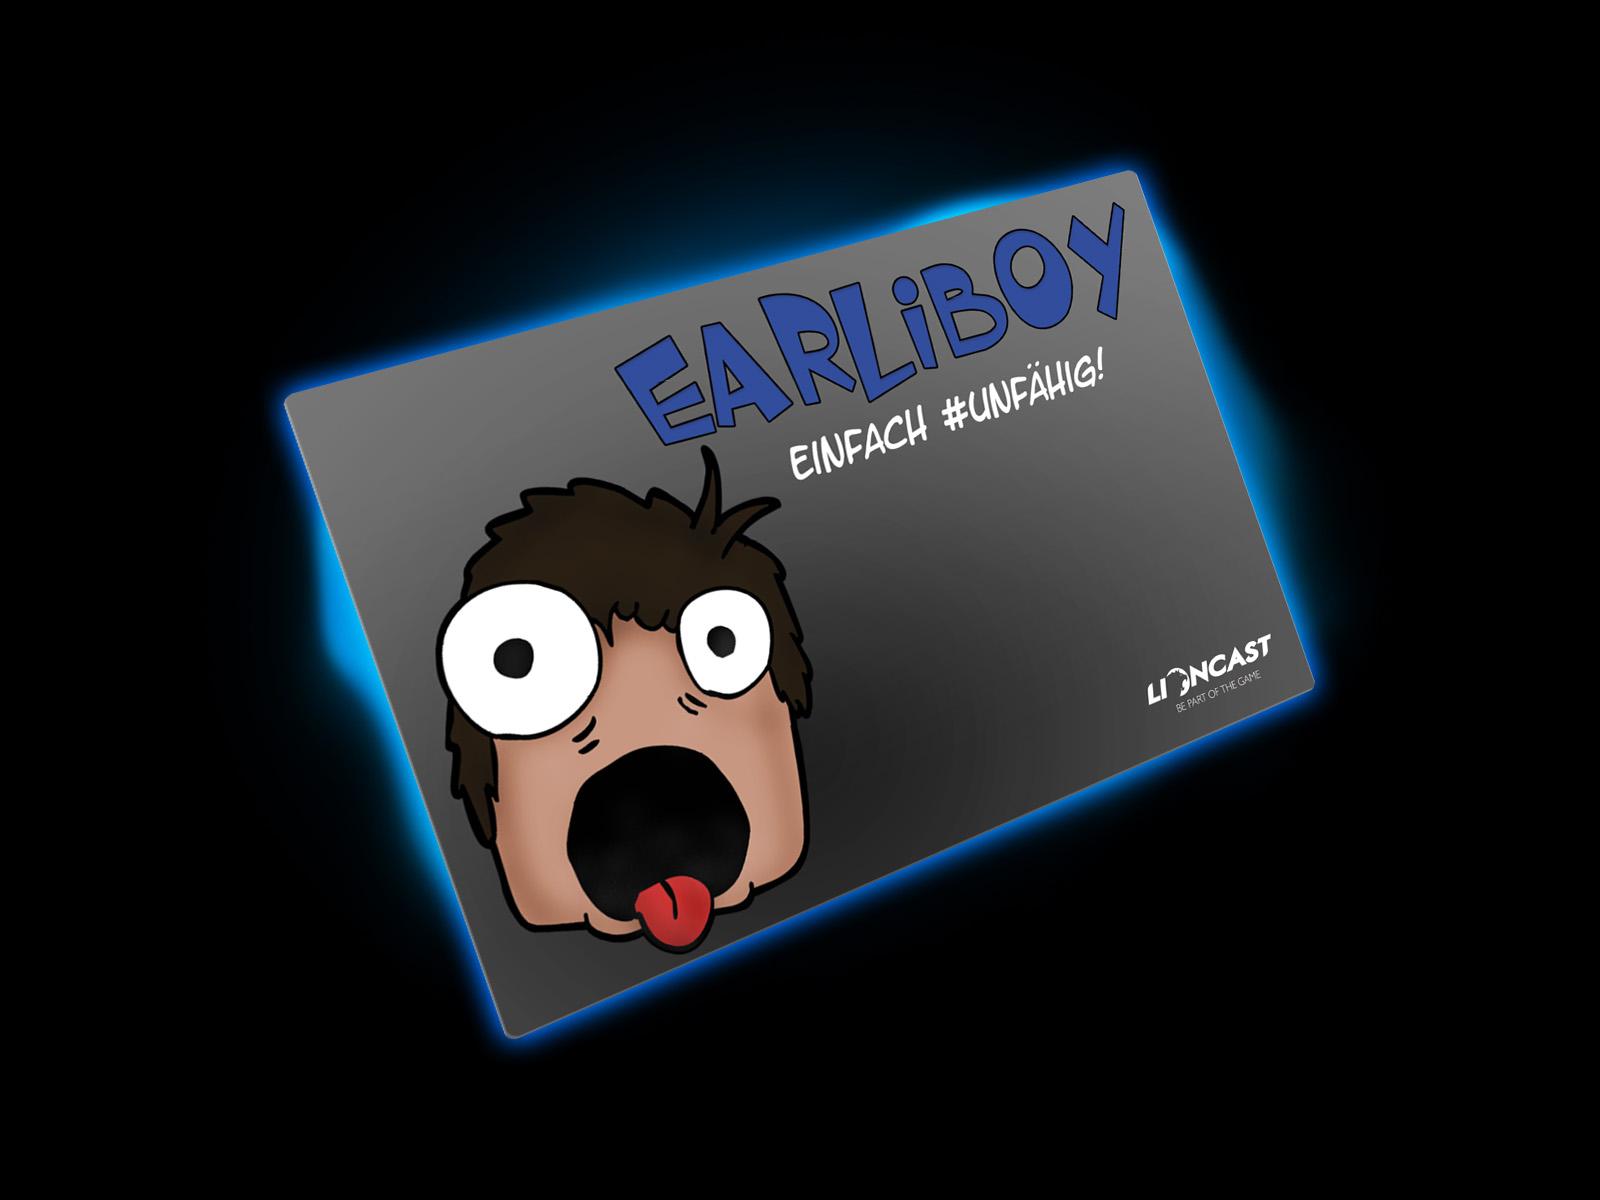 Earliboy-Beschreibung